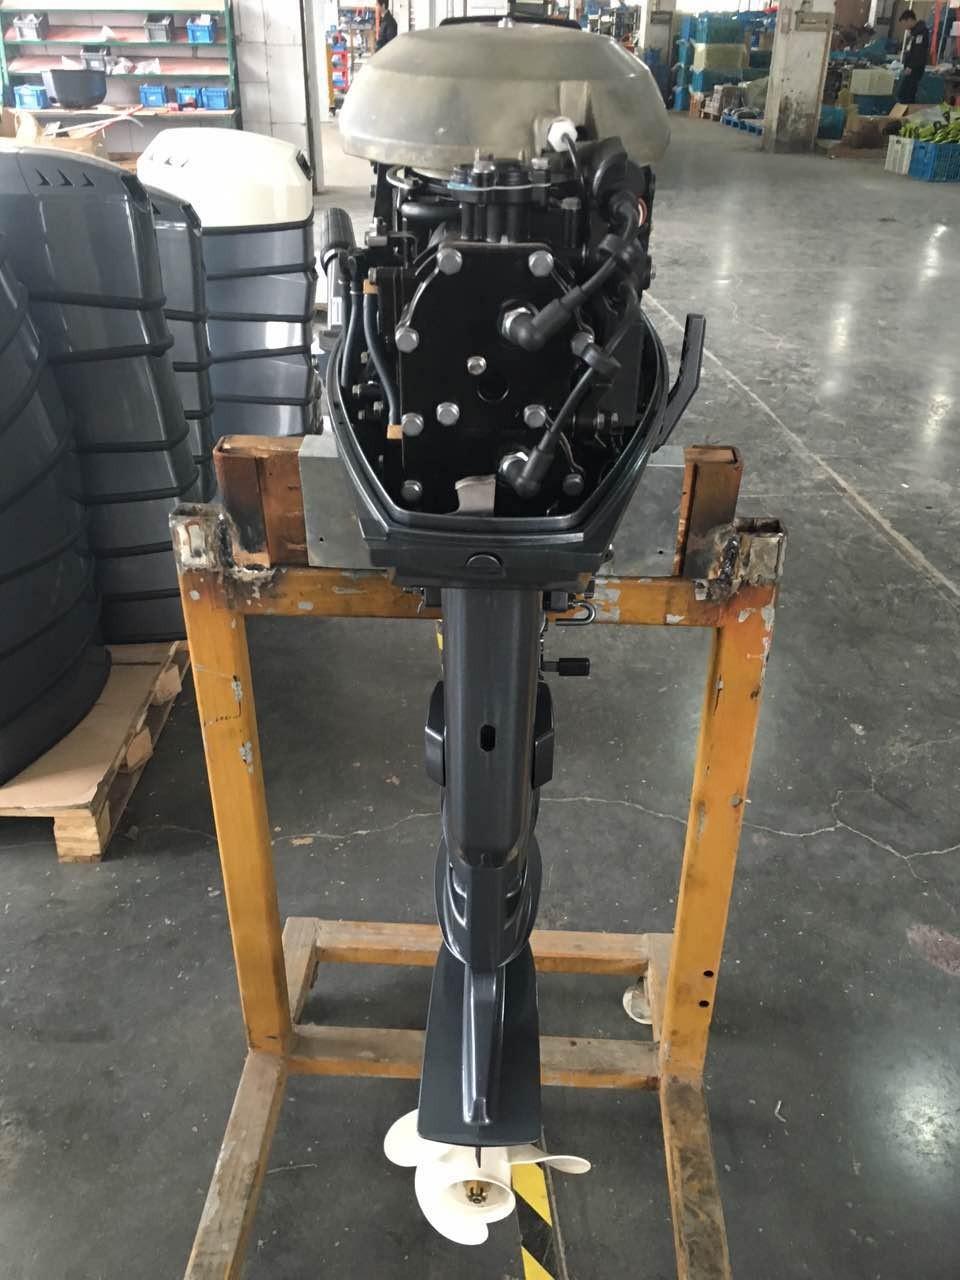 Used yanmar diesel engine used yanmar diesel engine suppliers and manufacturers at alibaba com